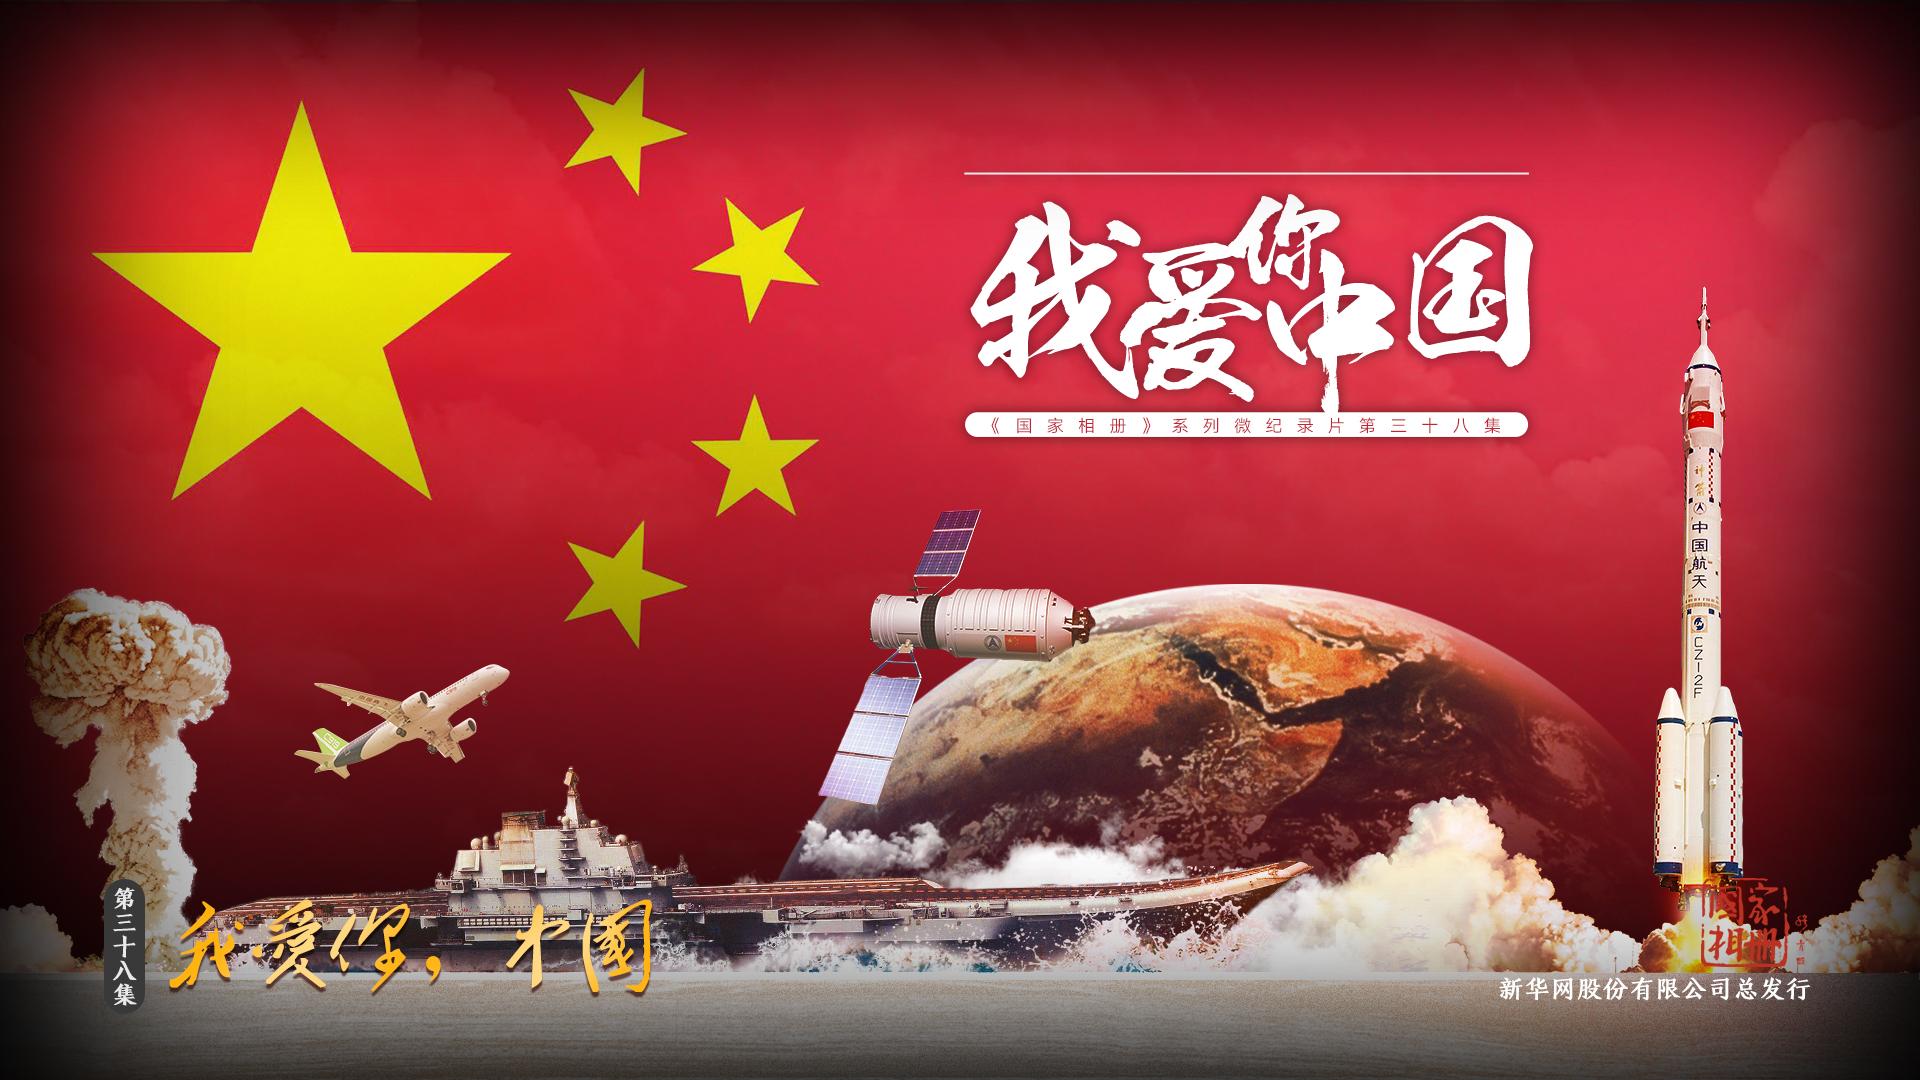 国家相册第三十八集 《我爱你,中国》